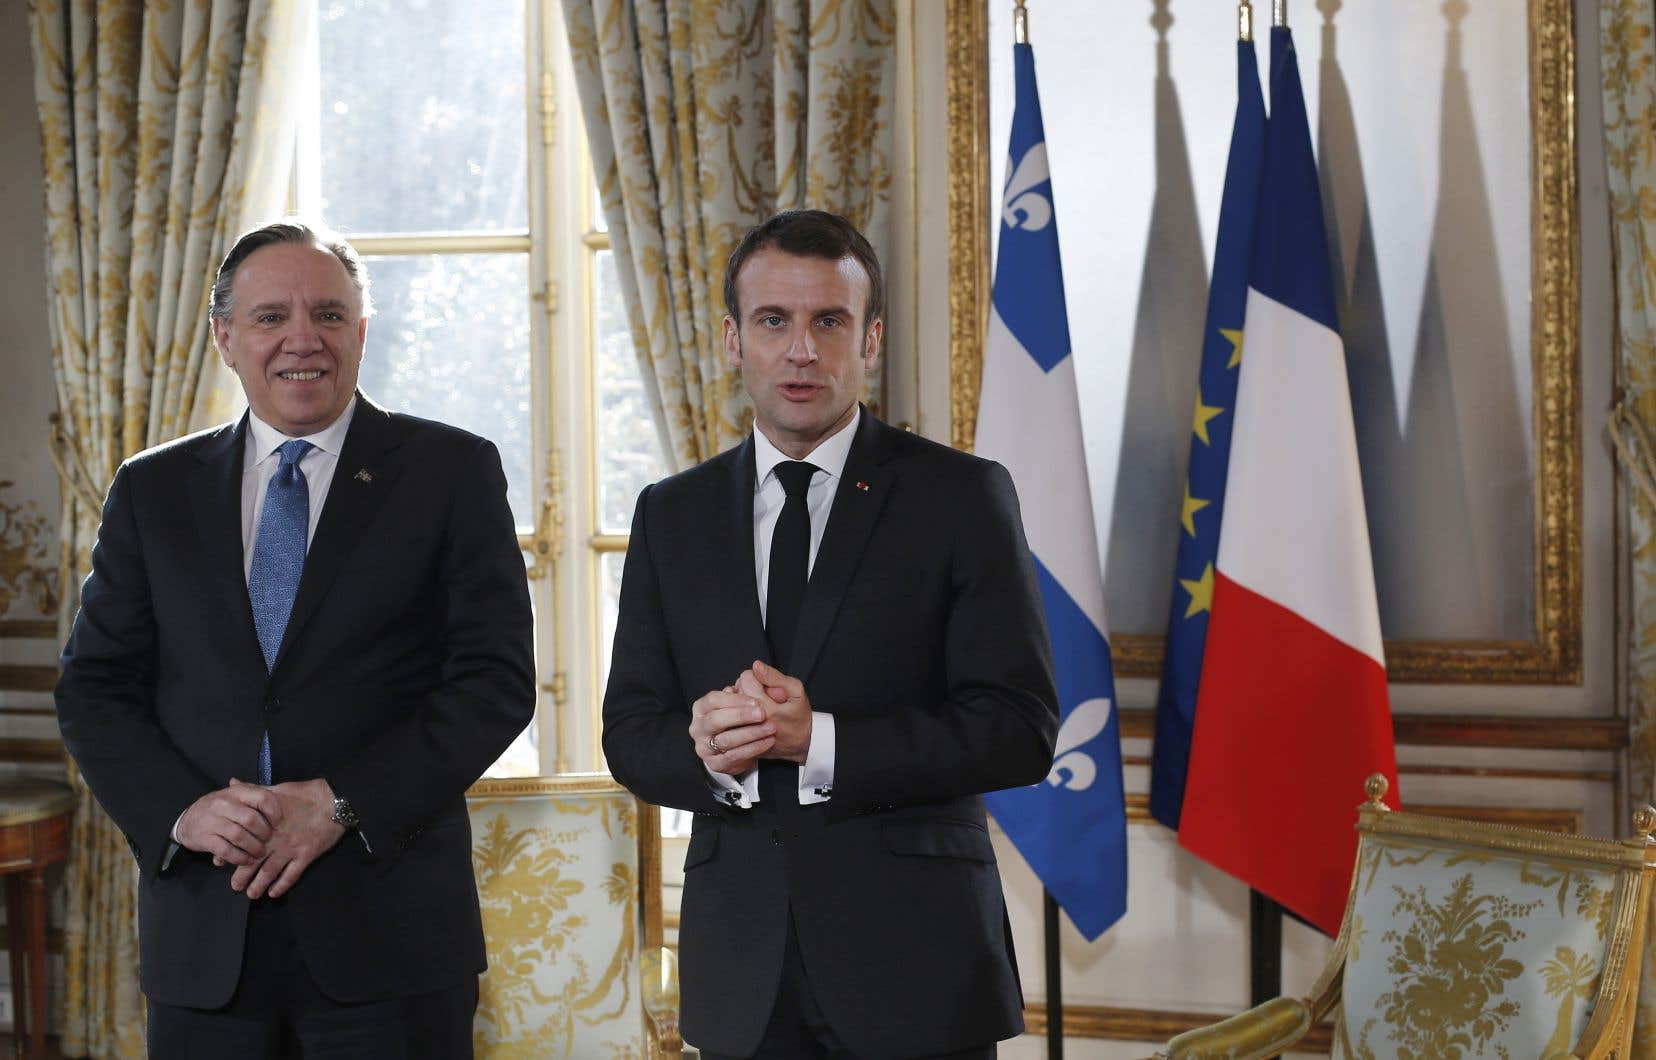 Sur la question économique Québec-France, François Legault a raison de vouloir redoubler d'ambition, font valoir les auteurs. Le premier ministre québécois a rencontré à l'Élysée le président français, Emmanuel Macron, le 21 janvier dernier.